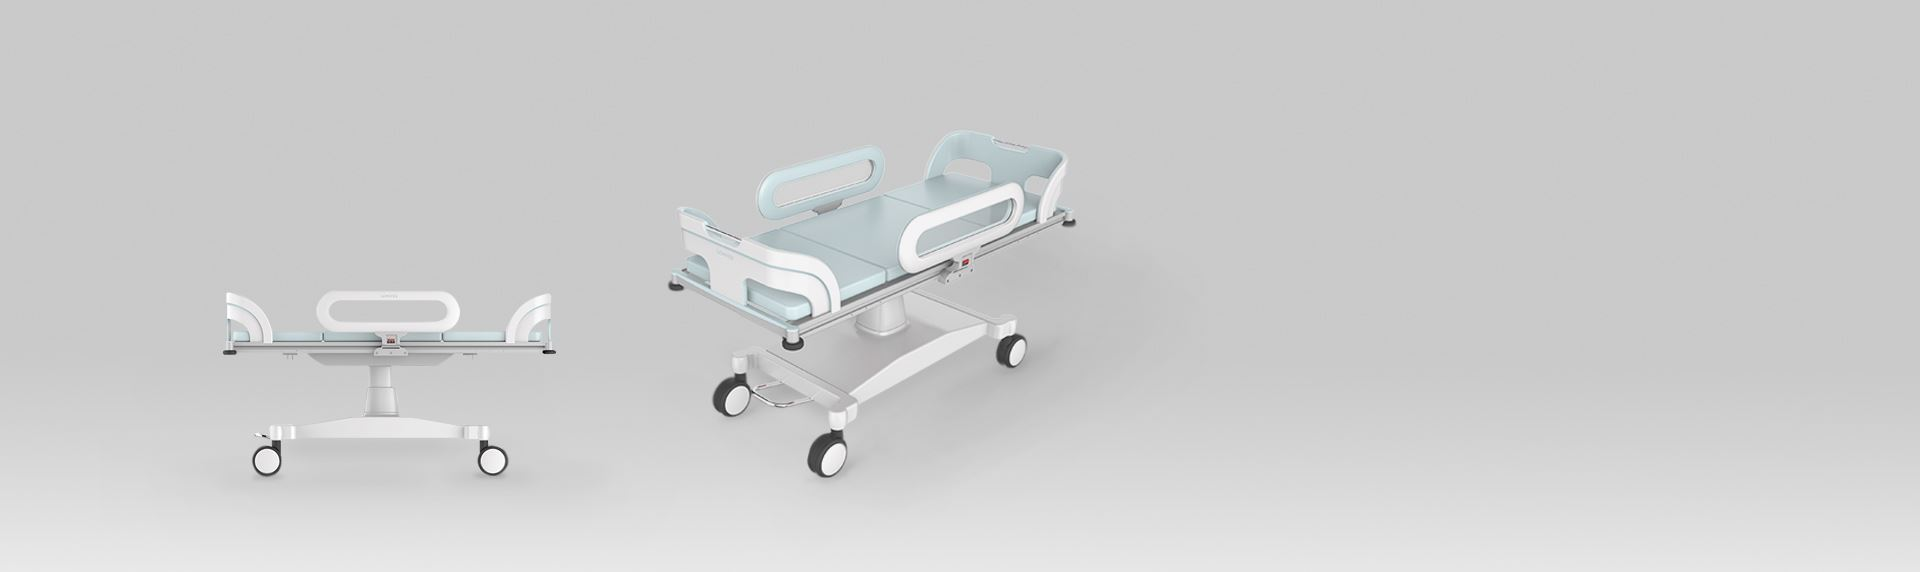 欧帝设计-婴儿转换车 ICU护理床